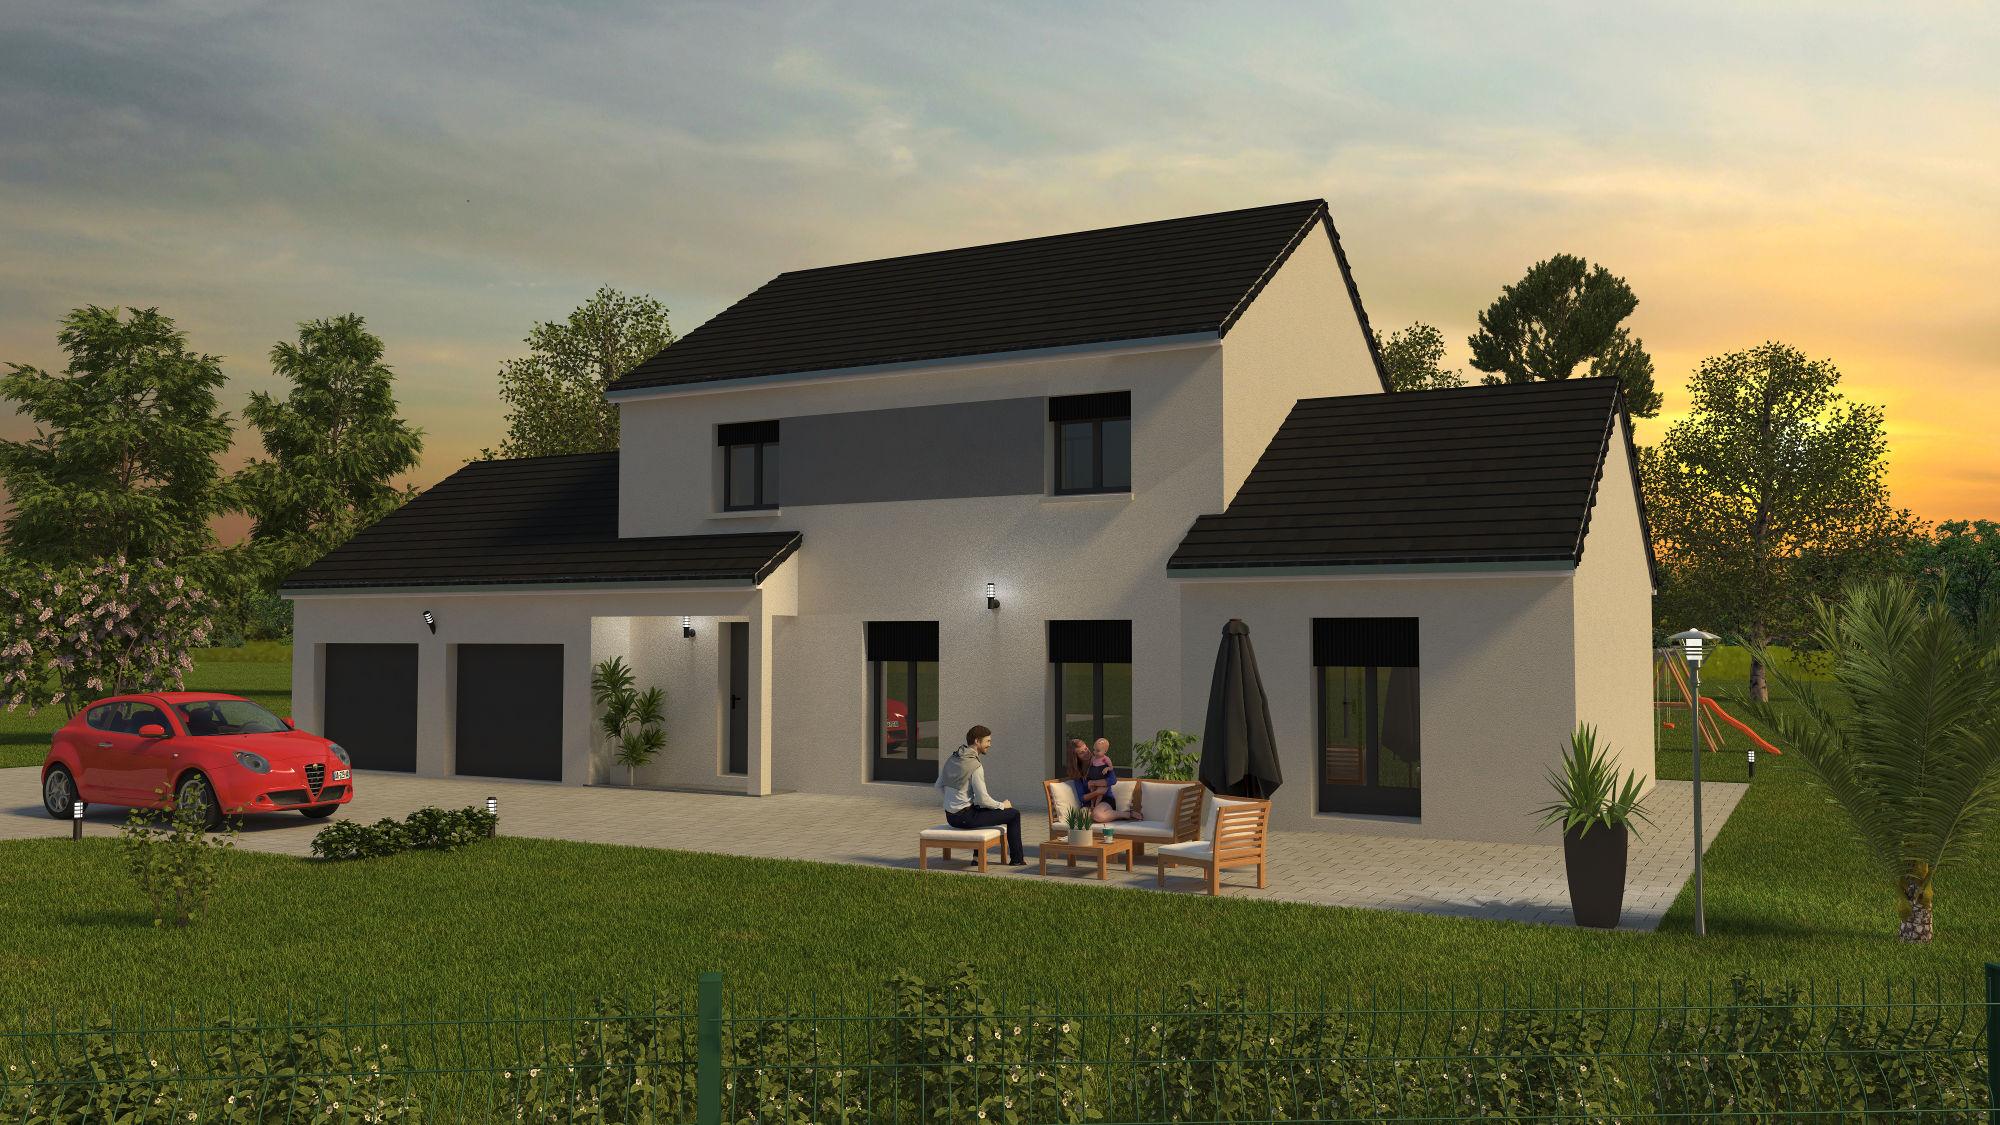 Exemples de projets personnalisés par Bourgogne Bâtir constructeur de maison neuve individuelle en Bourgogne